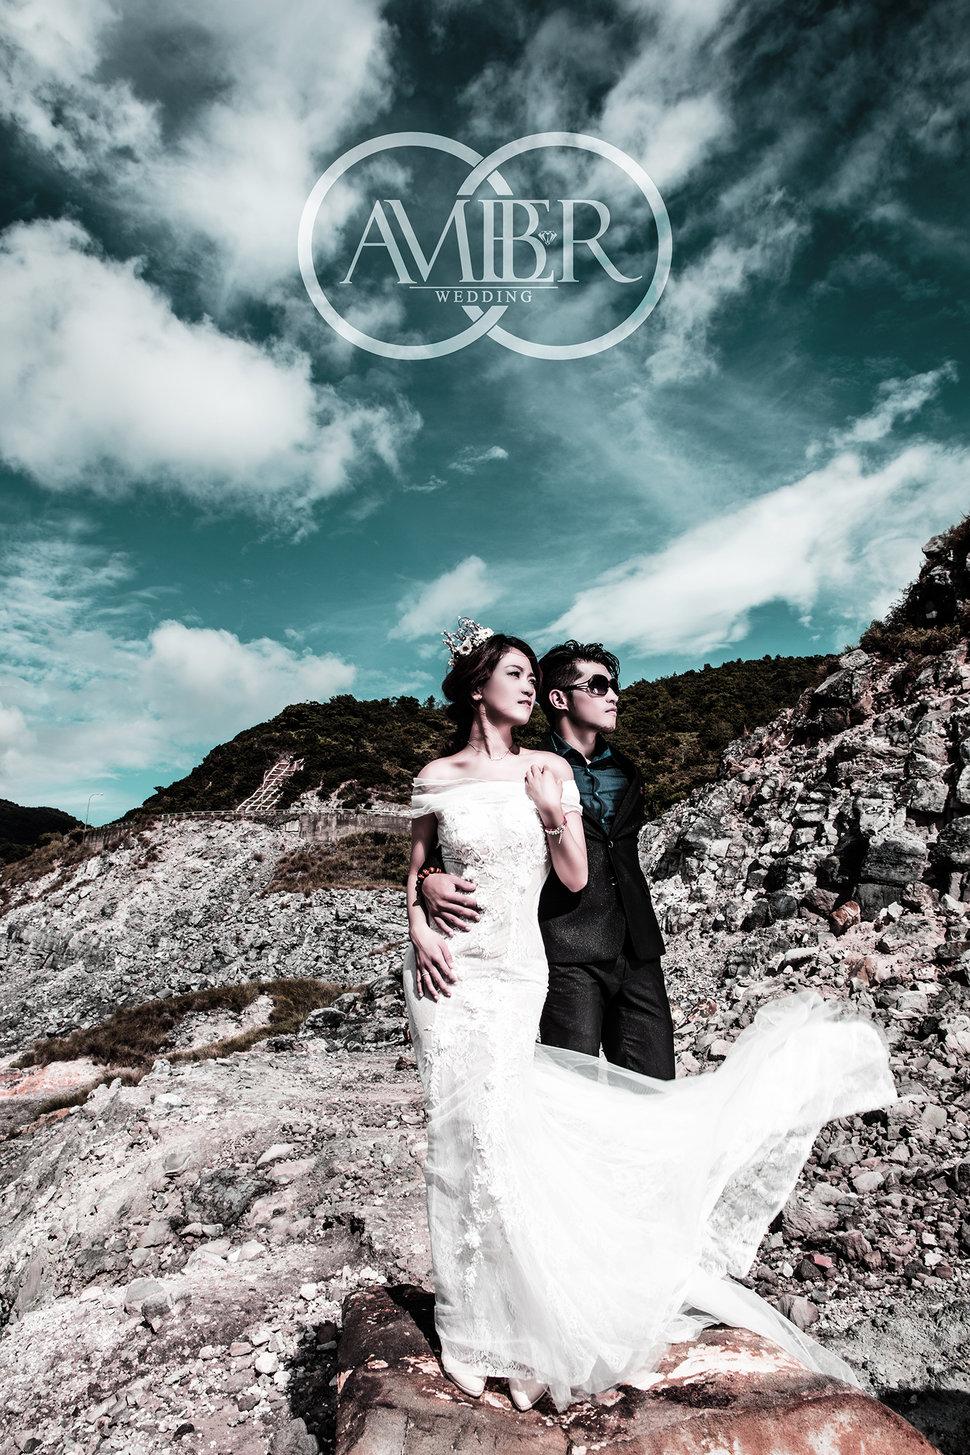 安柏婚紗攝影(編號:18201) - 安柏婚禮藝術 - 結婚吧一站式婚禮服務平台